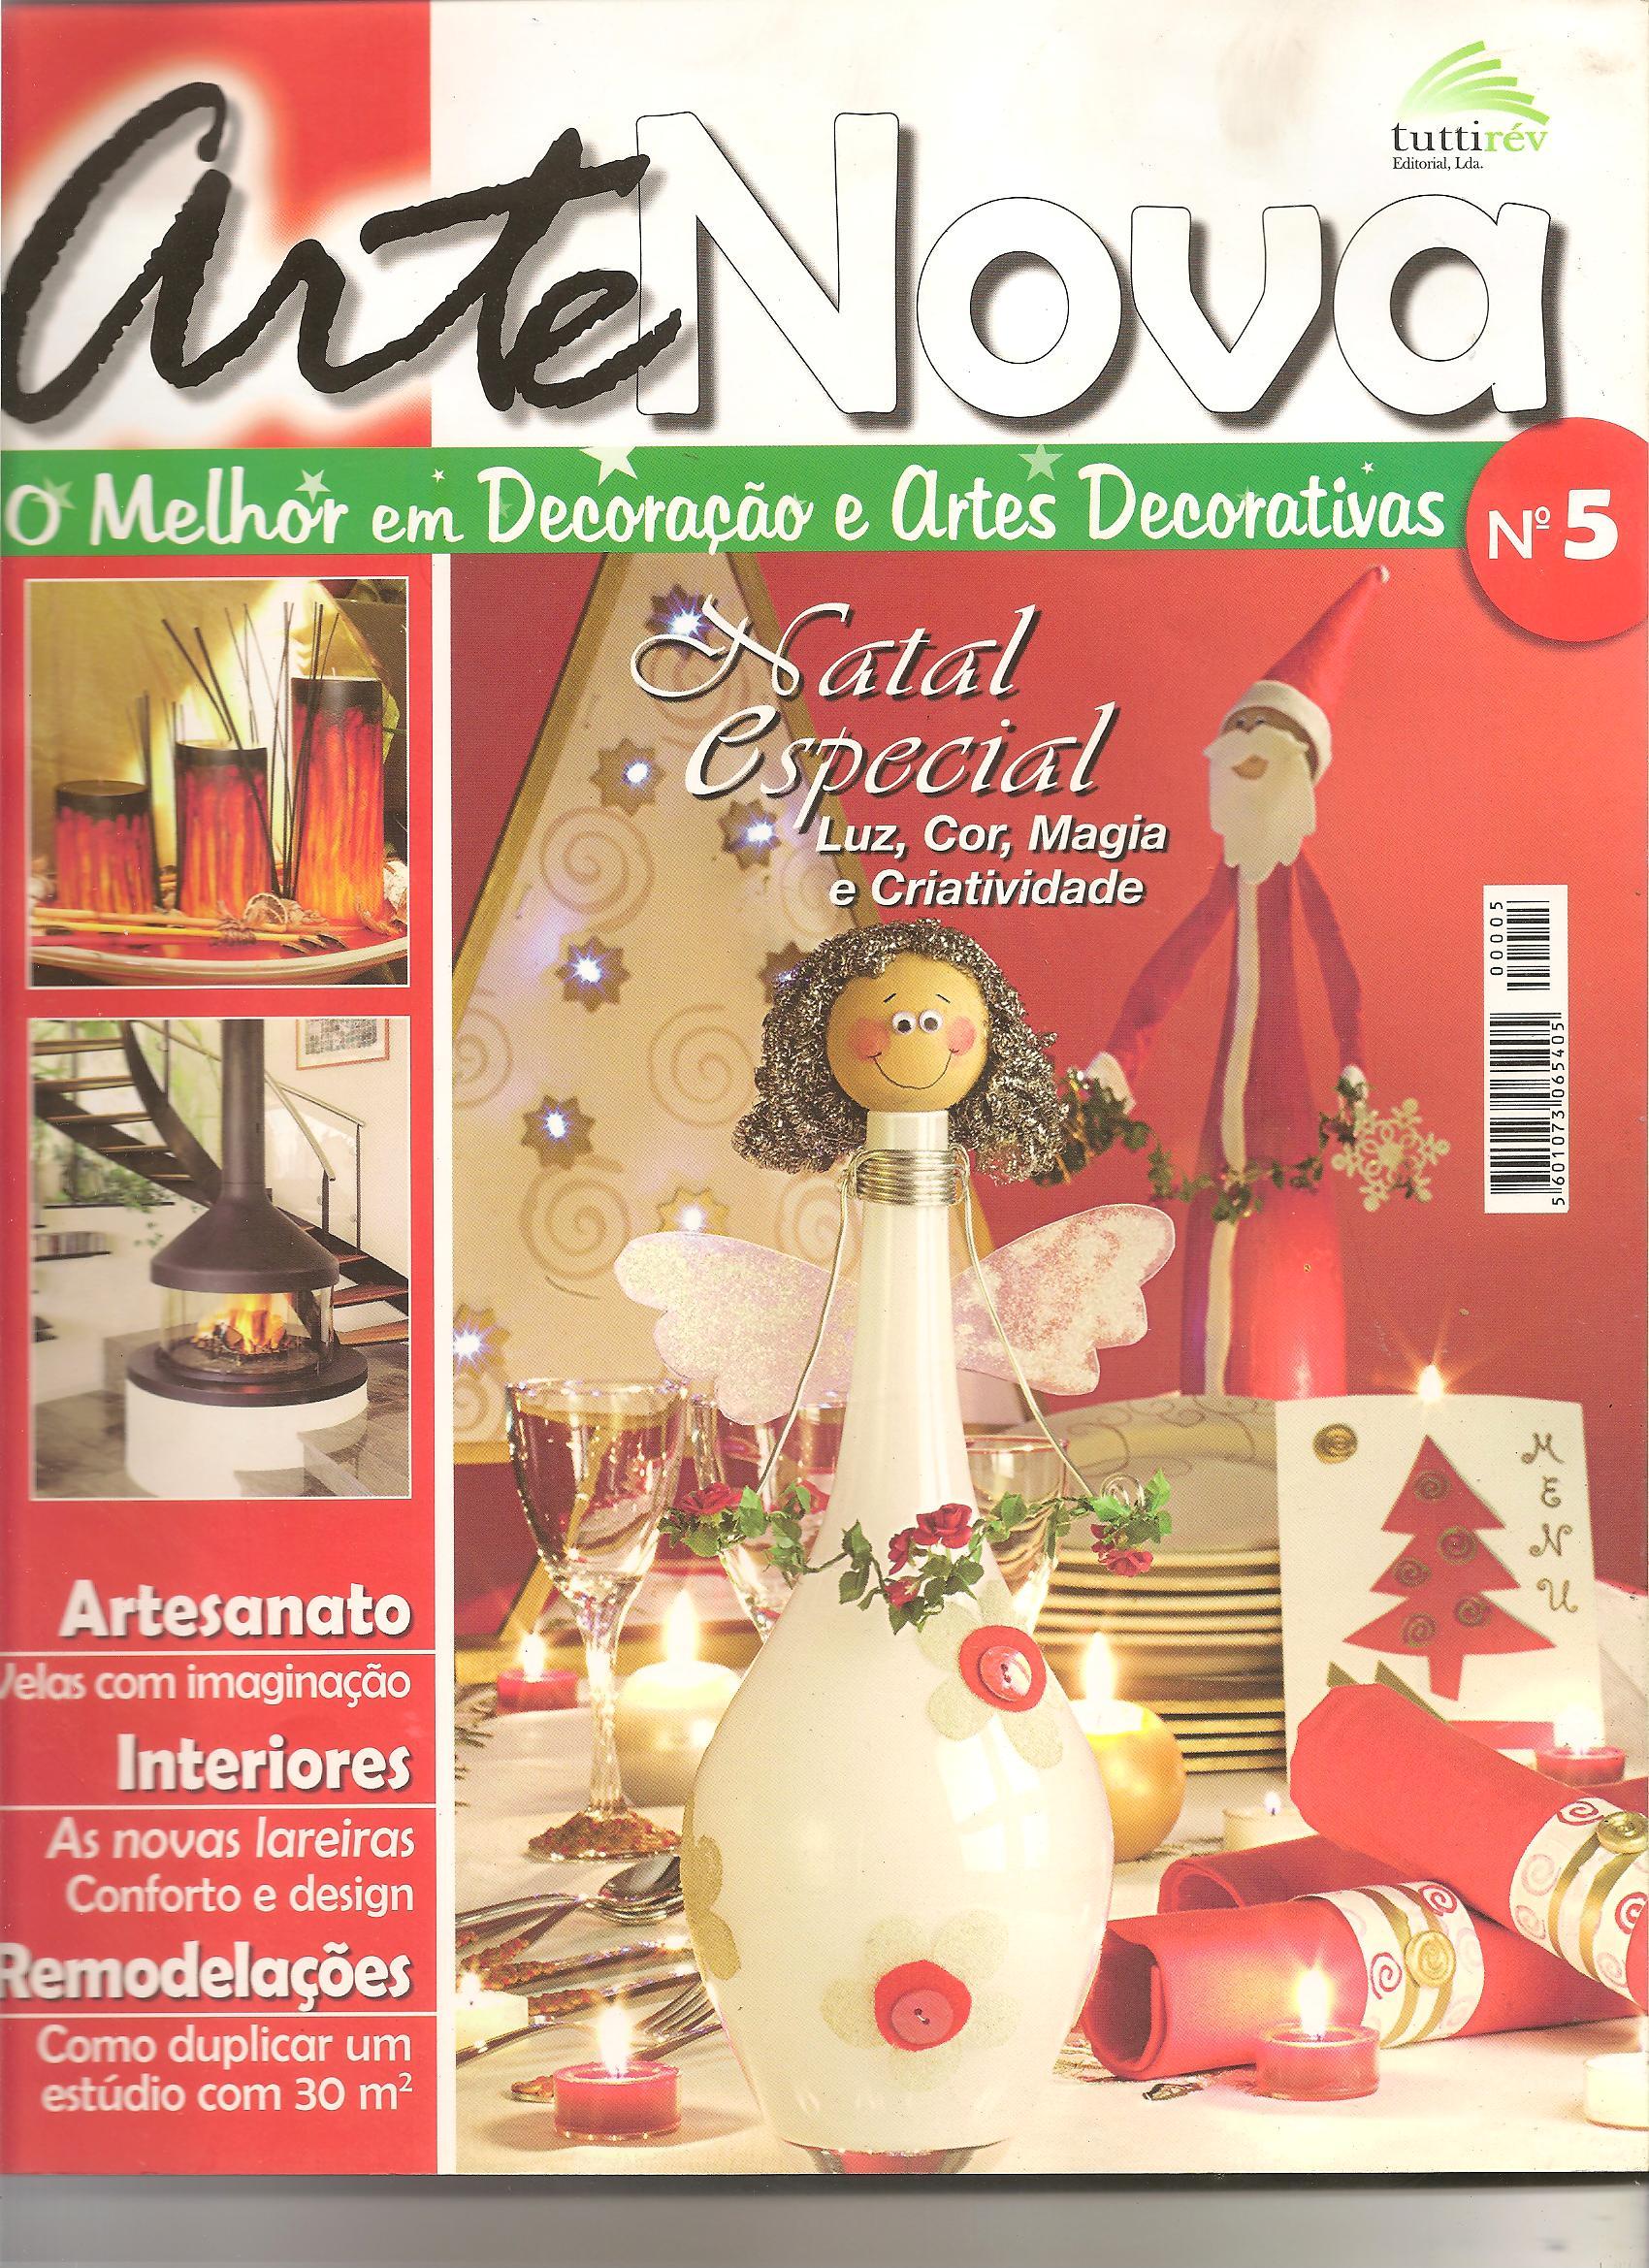 Revista Arte Nova 2009